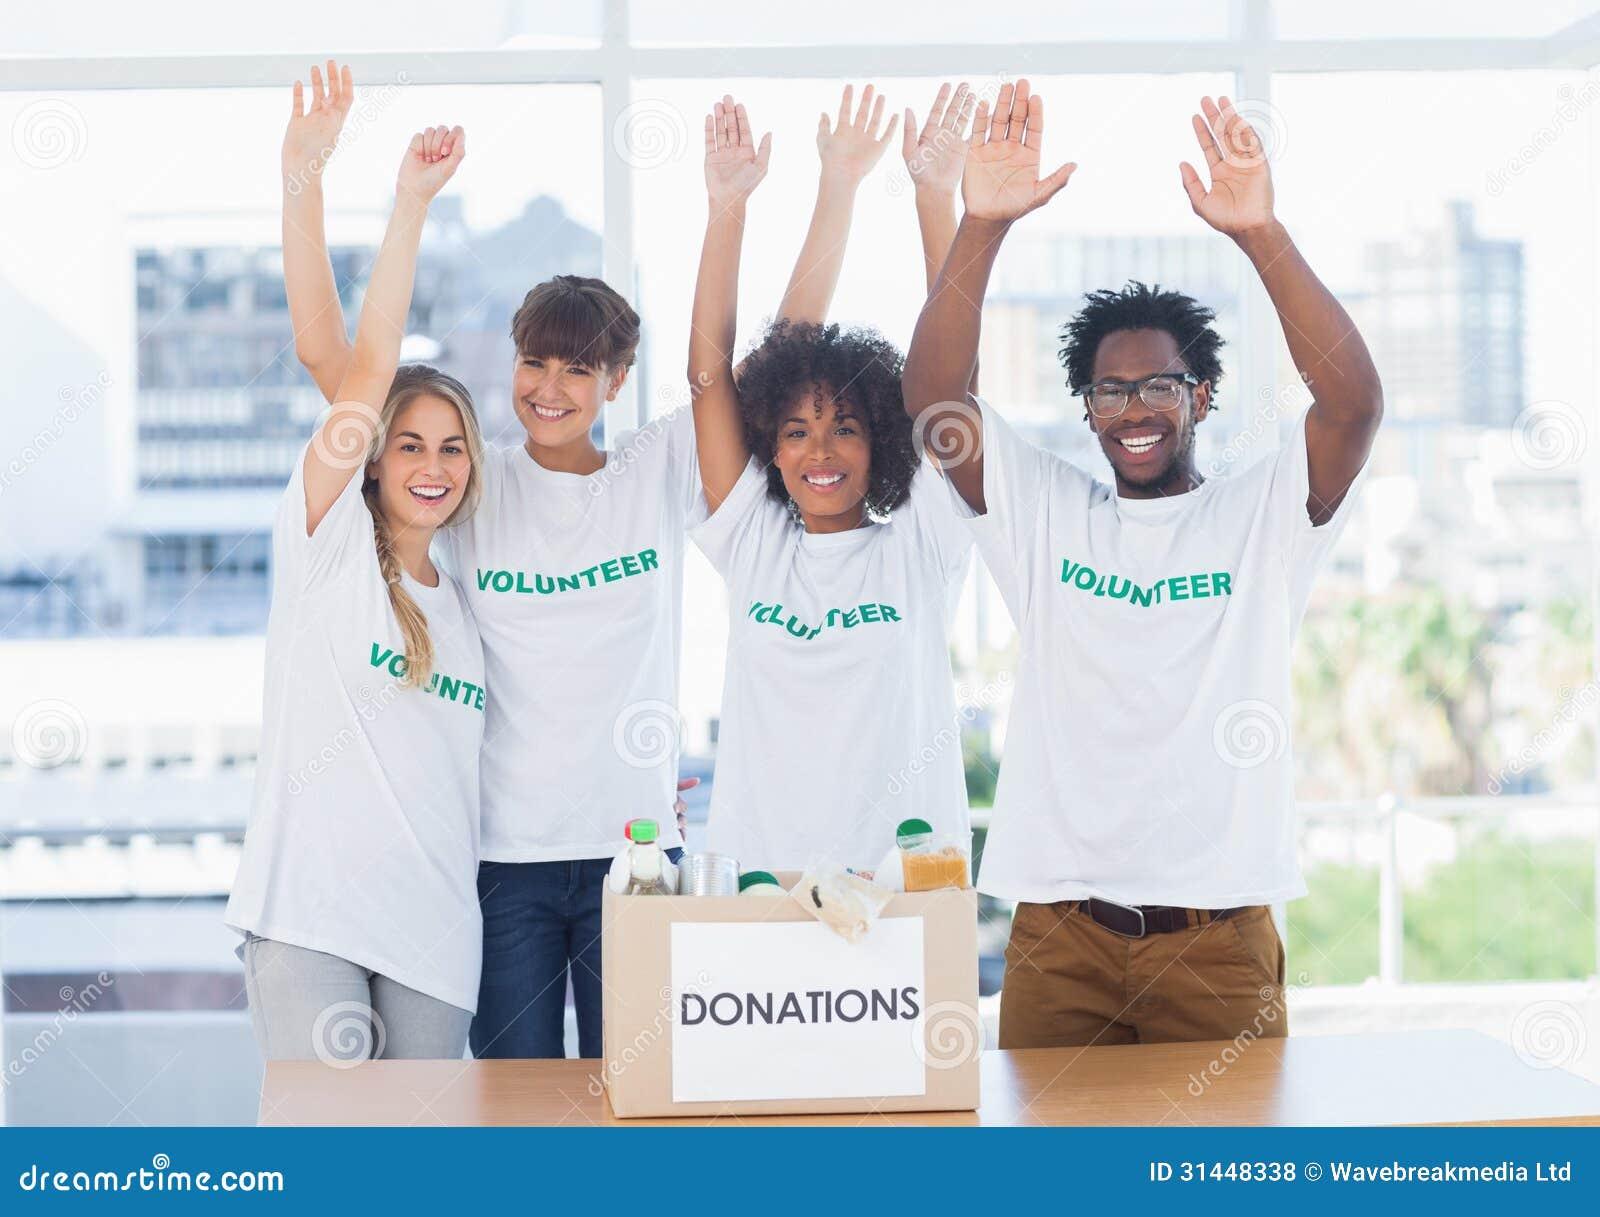 Volunteers raising their arms